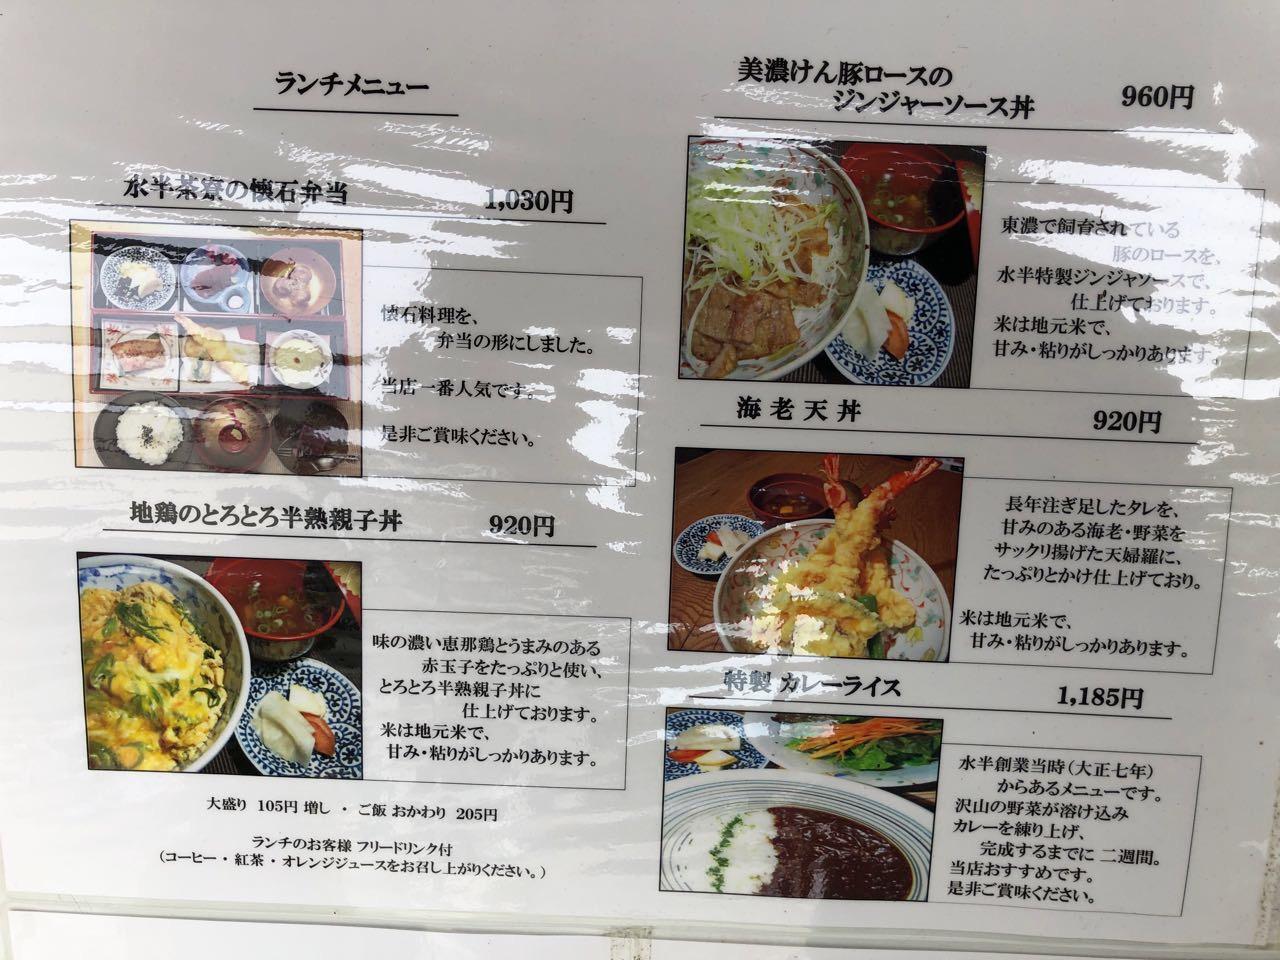 恵那市の食事水半茶寮のメニュー2